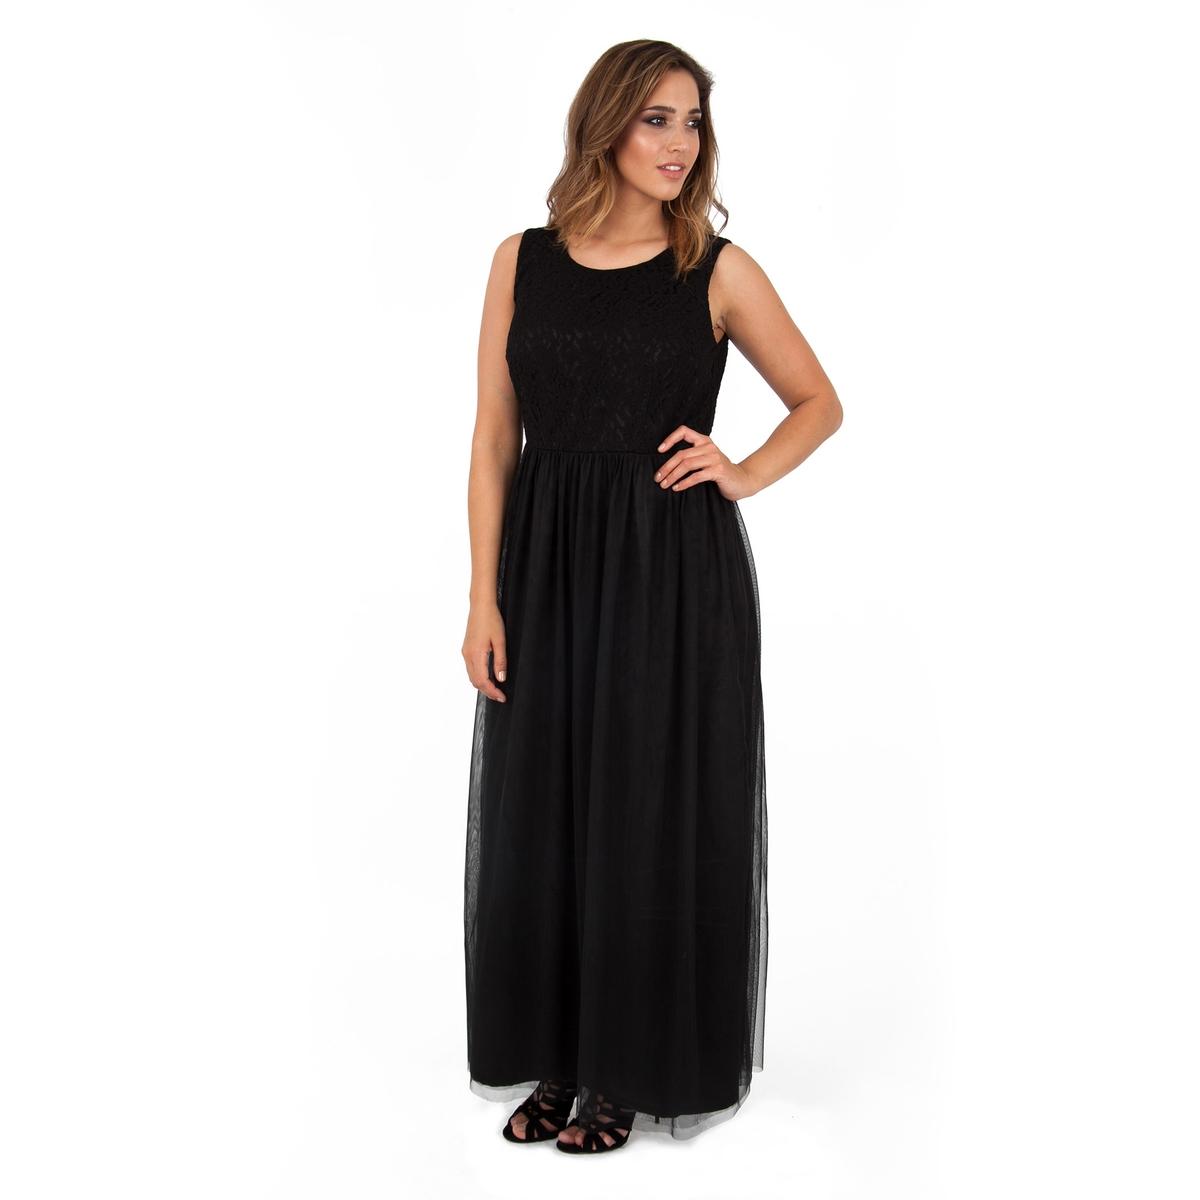 Платье длинноеПлатье длинное без рукавов - KOKO BY KOKO. Элегантное платье макси с отделкой кружевом сверху. Застежка на молнию сзади. 100% полиэстера.<br><br>Цвет: черный